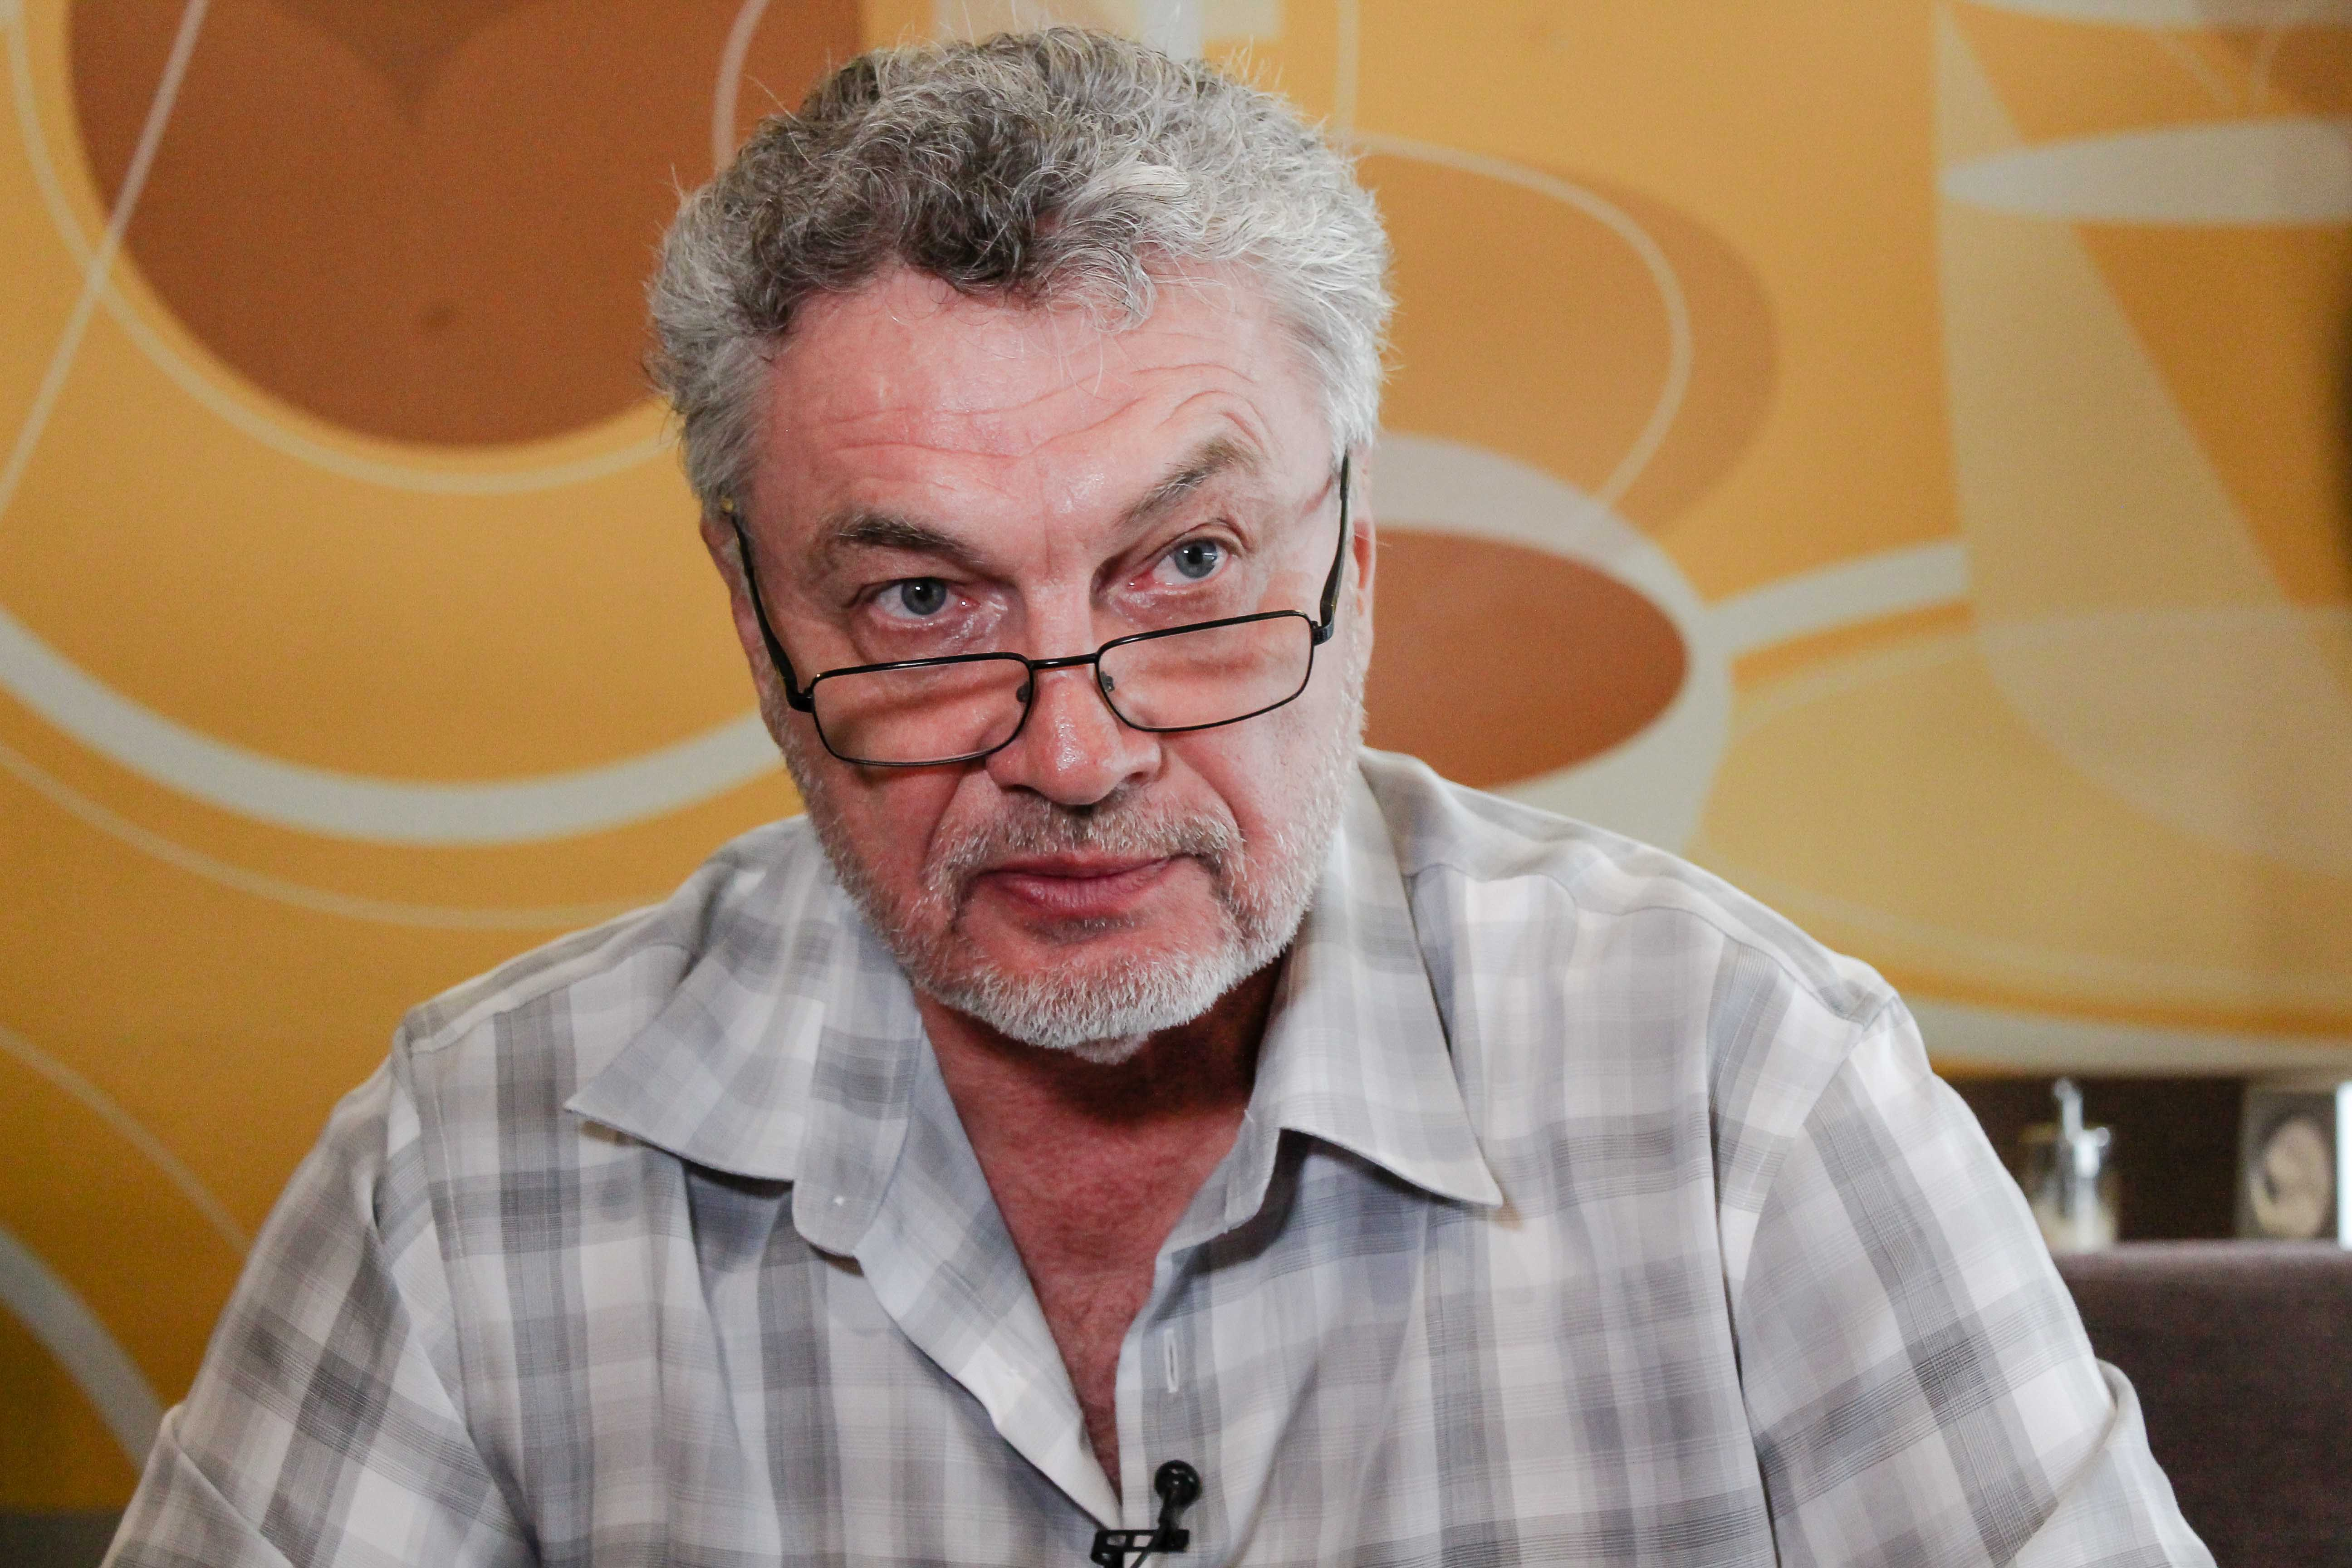 Військовий кореспондент і письменник Сергій Лойко розповів про свій новий роман, присвячений війні на Донбасі